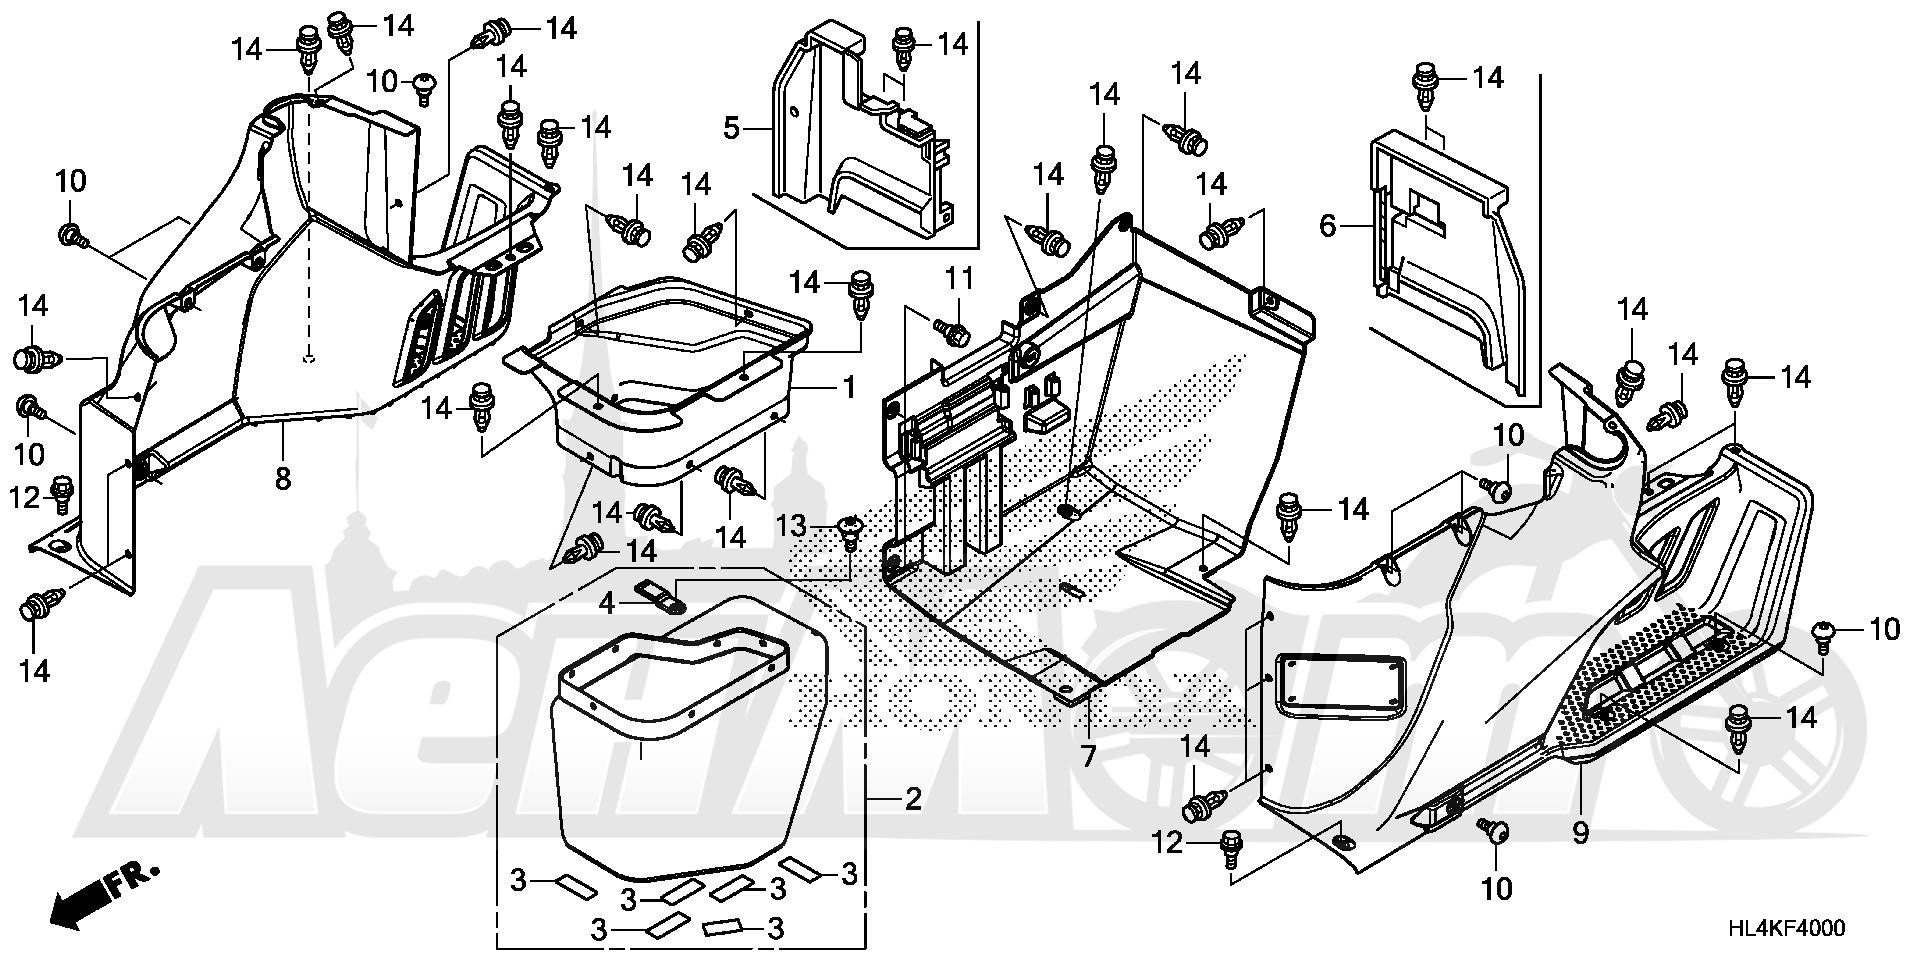 Запчасти для Квадроцикла Honda 2019 SXS1000M5L Раздел: SIDE COVER | боковая сторона крышка